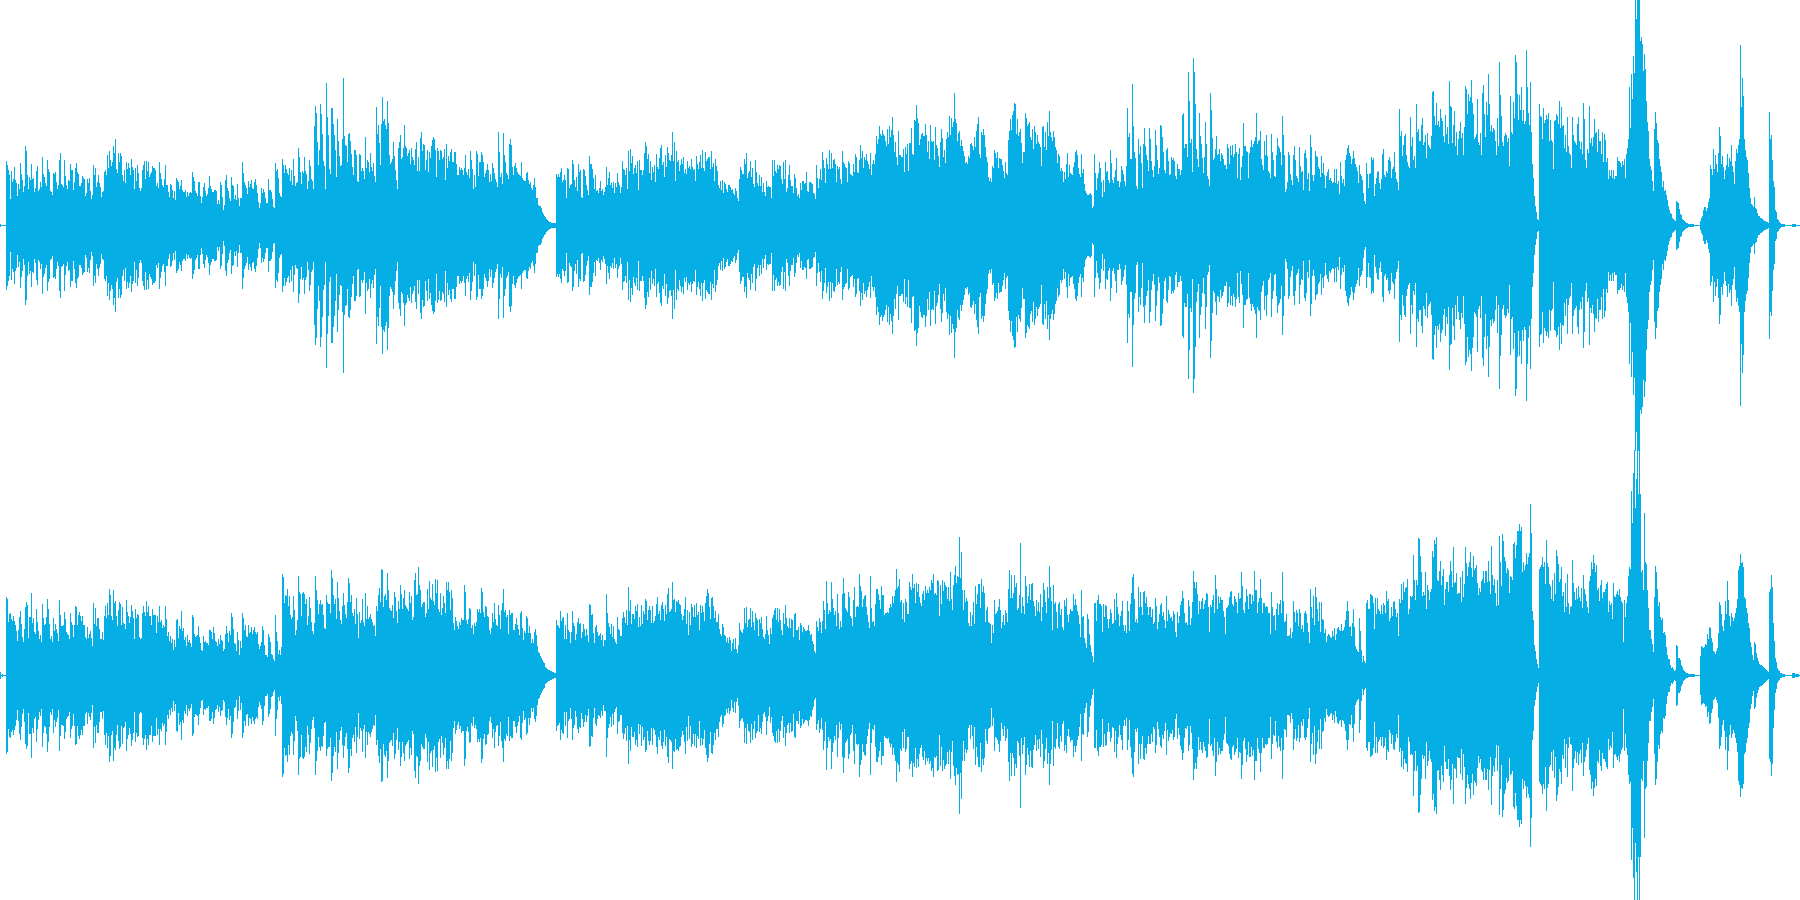 禁じられた遊び〜3つのギター用編曲の再生済みの波形